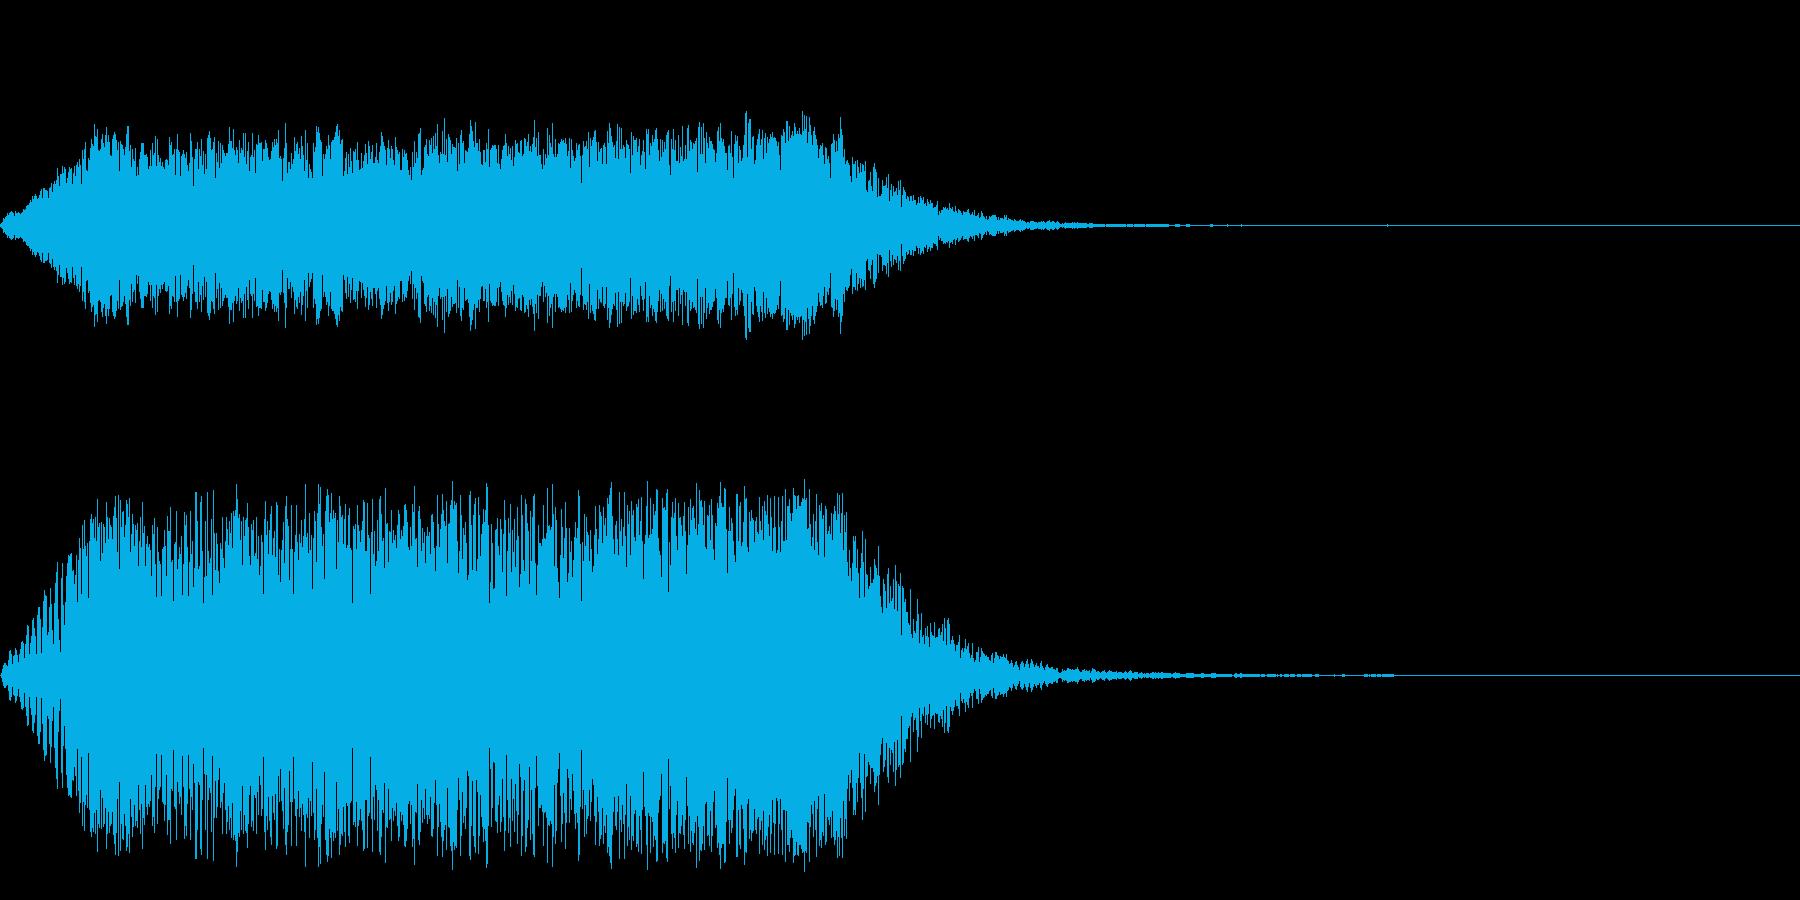 ホラー音(風)の再生済みの波形